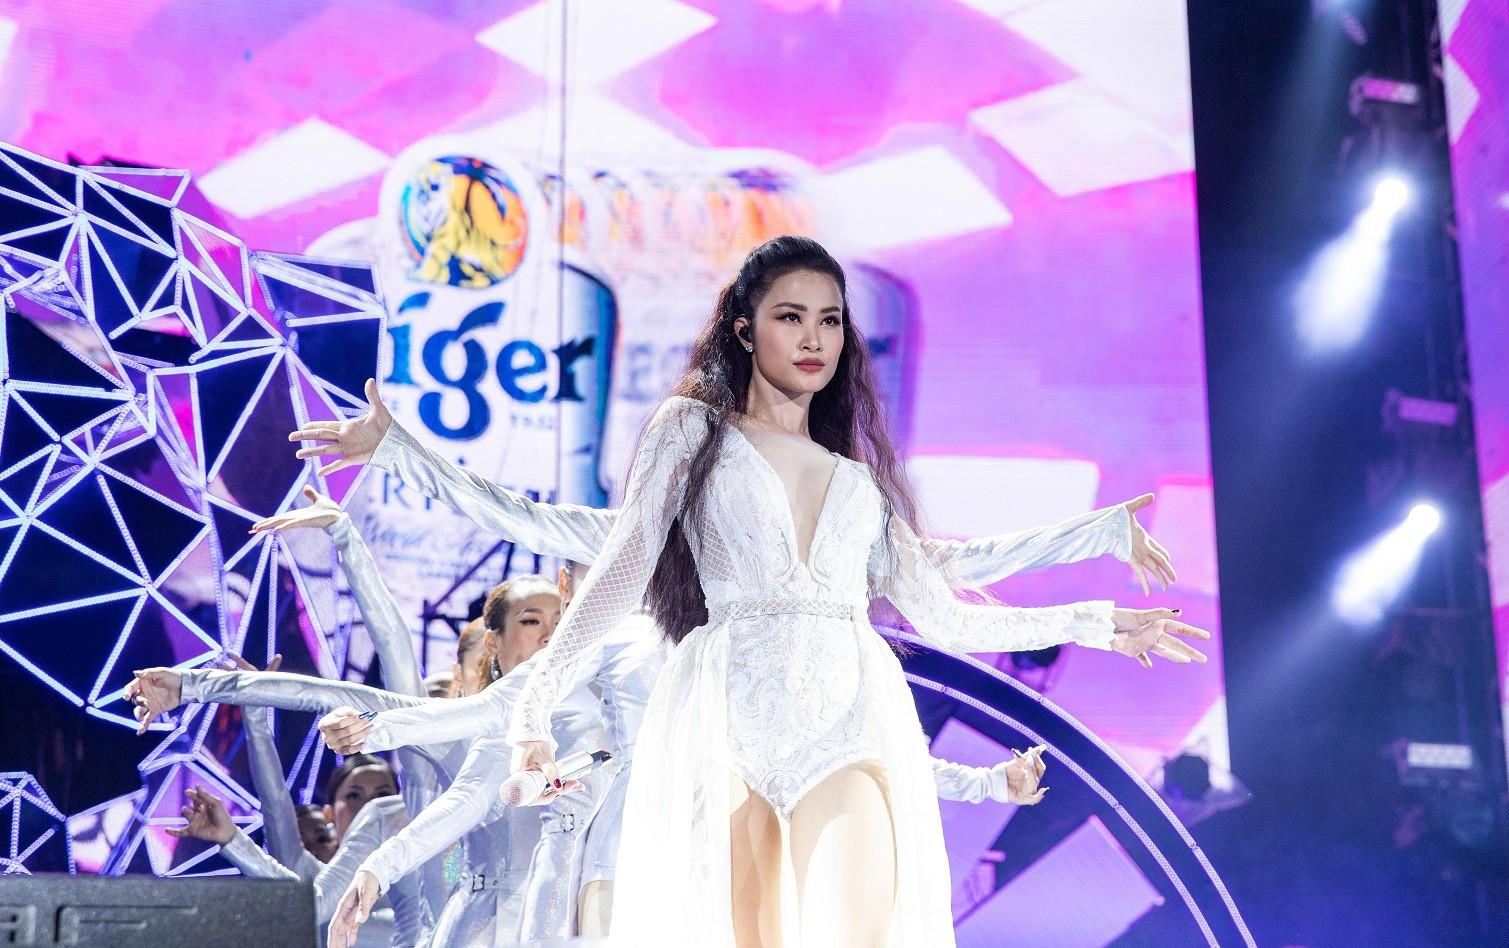 """Sau khăn """"bà ngoại"""", Sơn Tùng tiếp tục khiến fan """"bấn loạn"""" với style """"ông ngoại quốc dân"""" - Ảnh 4."""